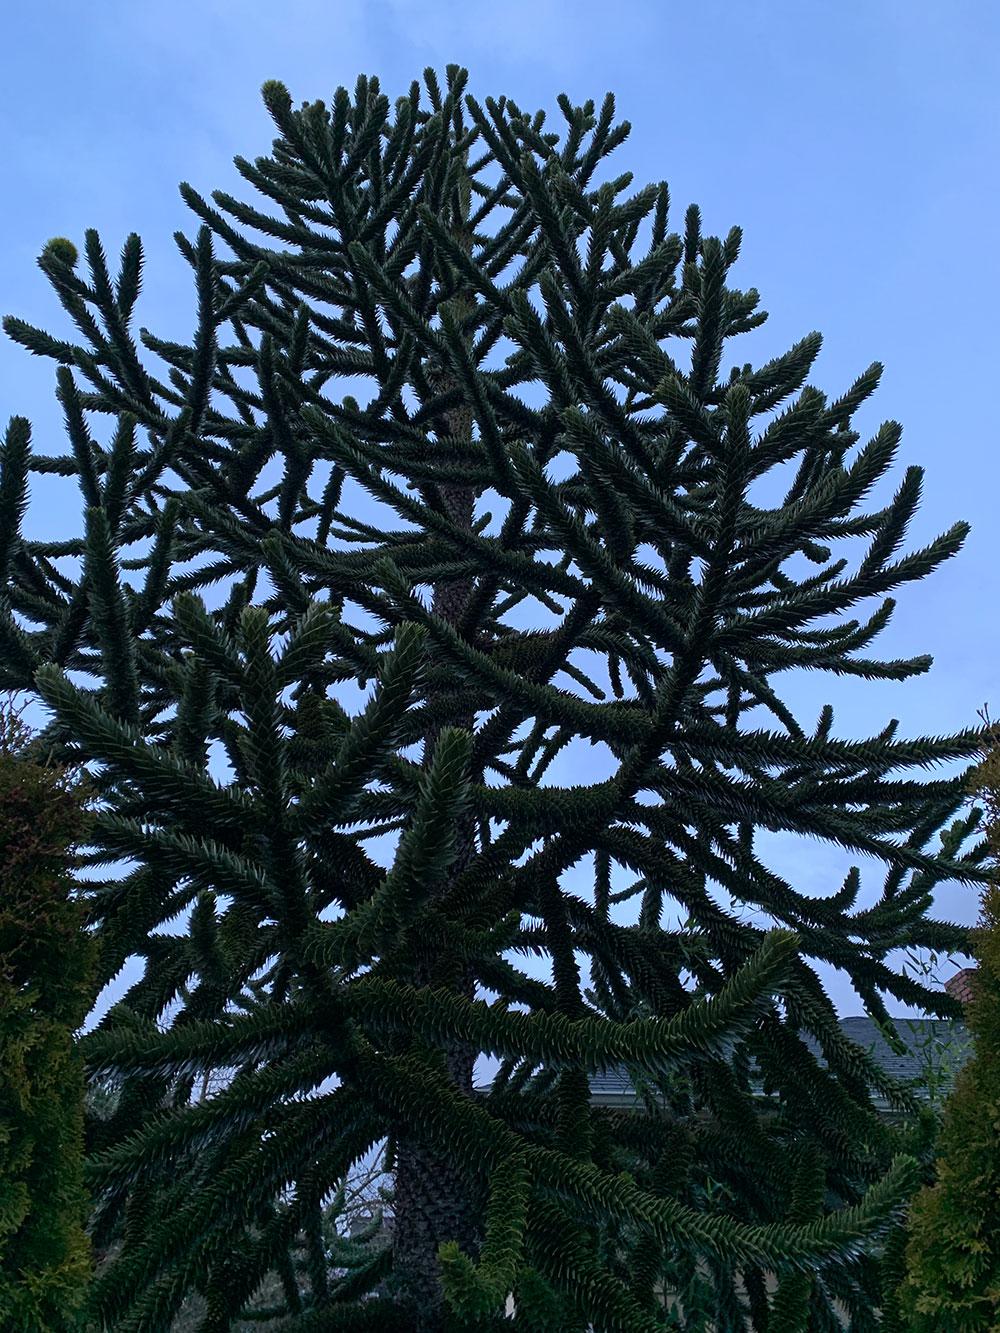 Tree-dimensional-Tacoma-Monkey-Puzzle-Tree